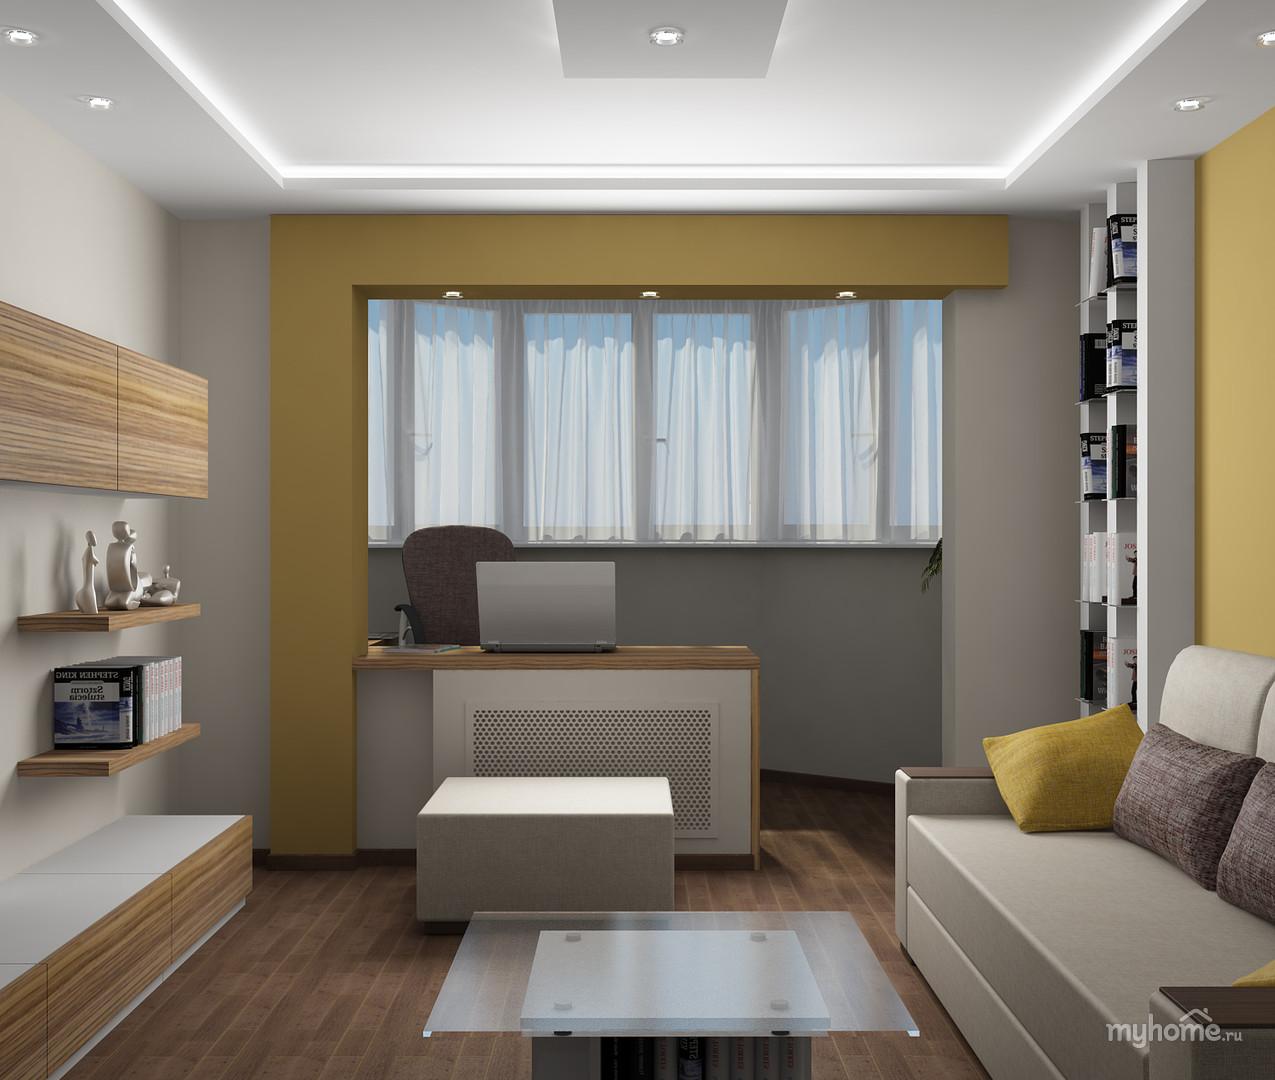 Планировка гостиной с балконом..